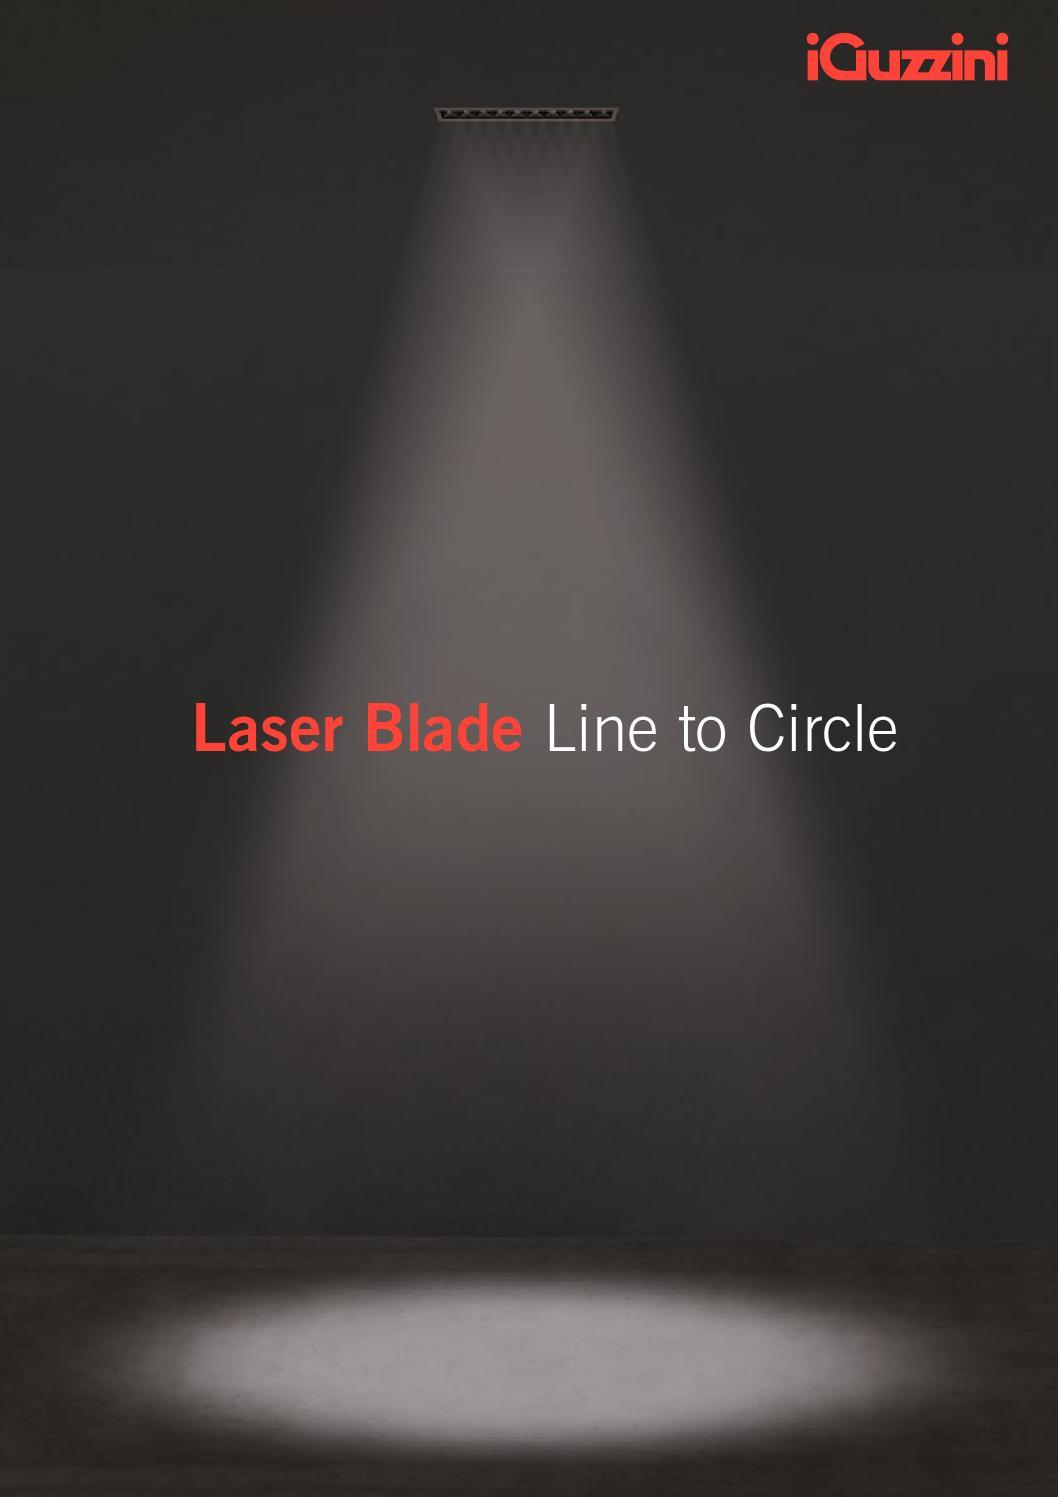 laser blade line to circle en by iguzzini. Black Bedroom Furniture Sets. Home Design Ideas